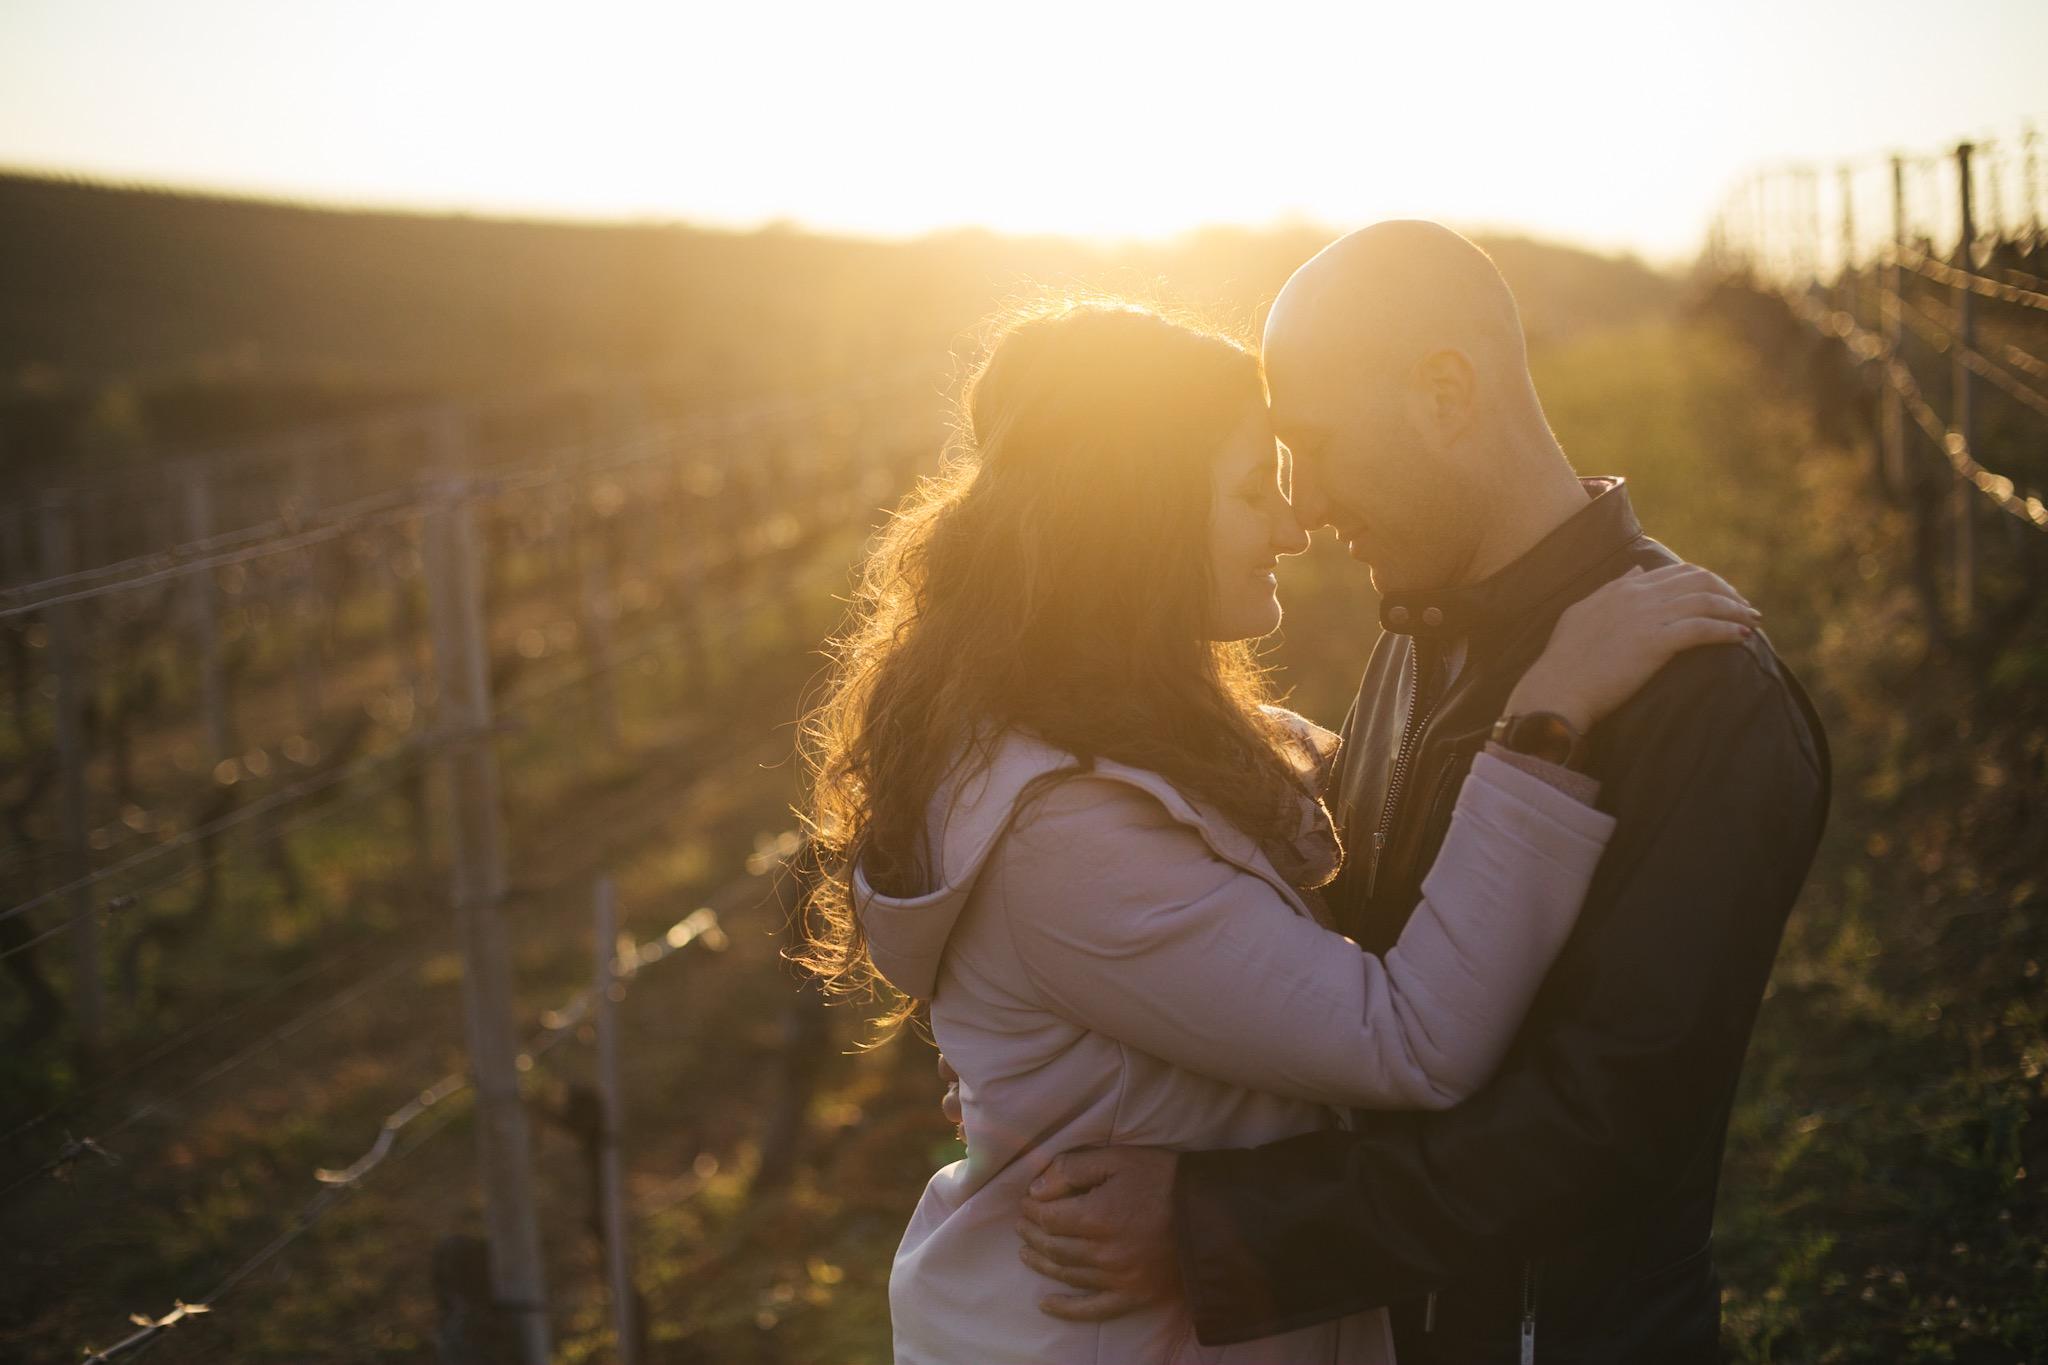 Nel mio servizio fotografico di matrimonio è sempre incluso il servizio pre-matrimonio: mi permette di entrare ancor più in sintonia con i miei sposi.